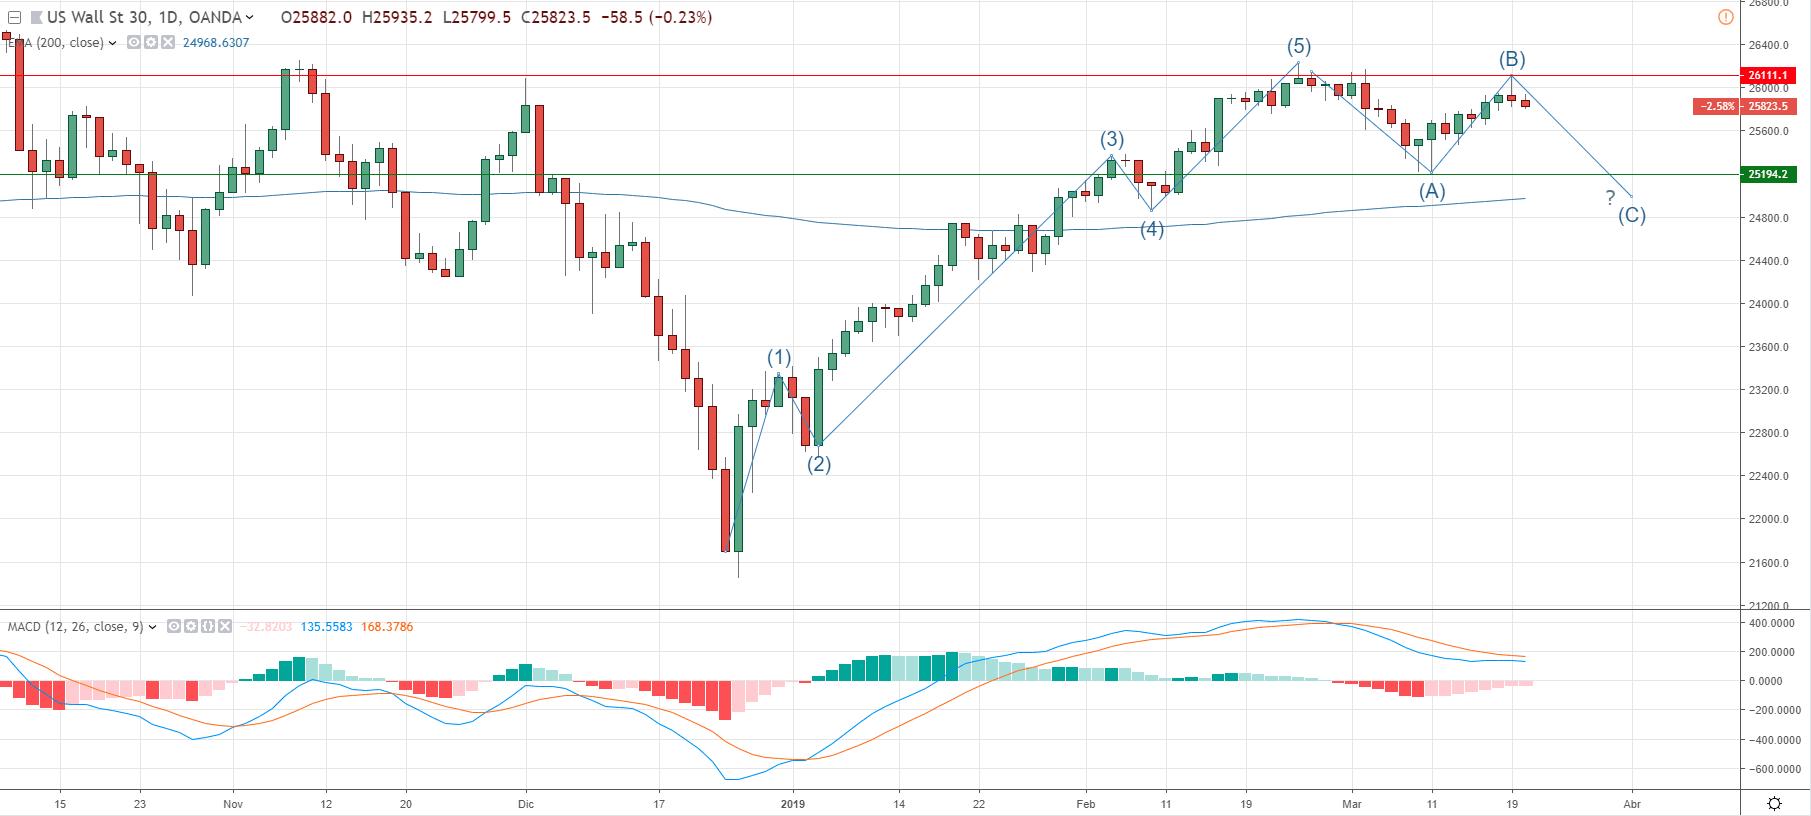 Cotización del indice Dow Jones.